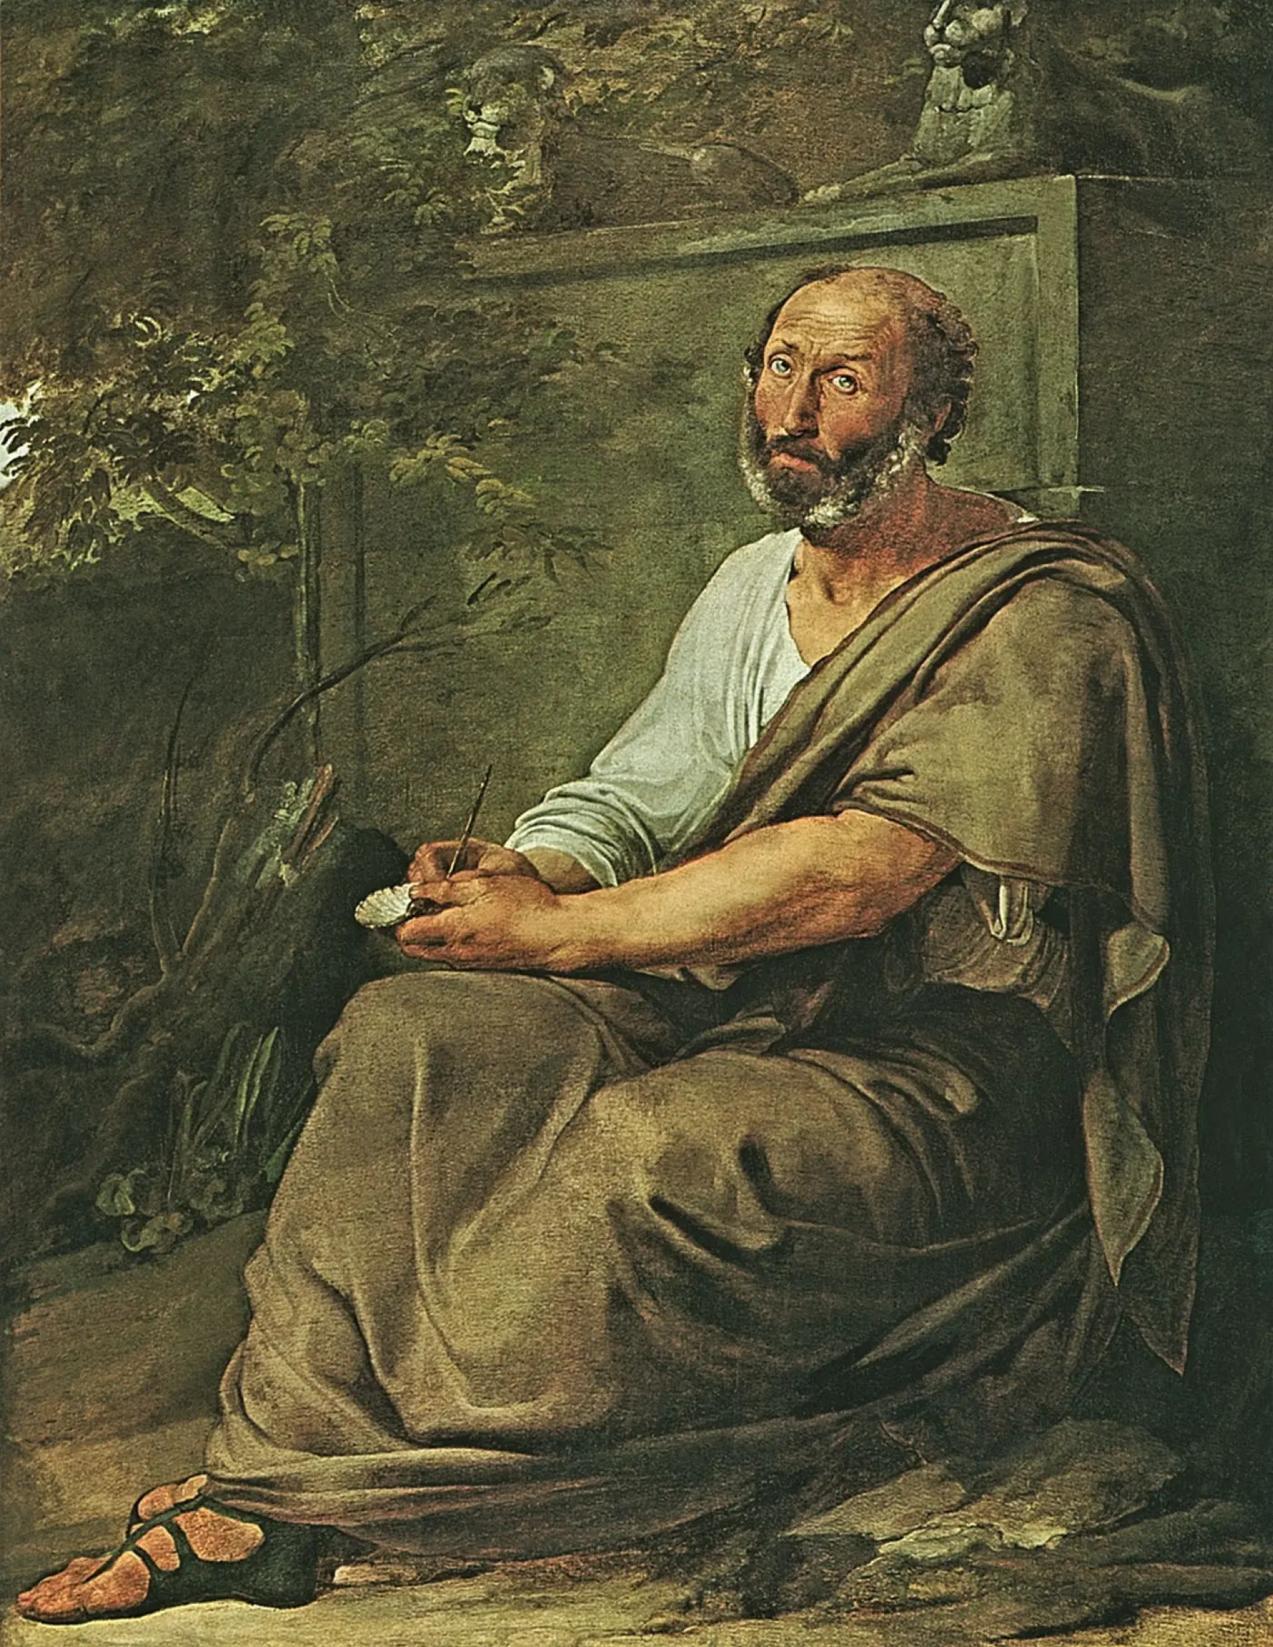 Аристотель. Художник Ф. Айец, 1811 г.